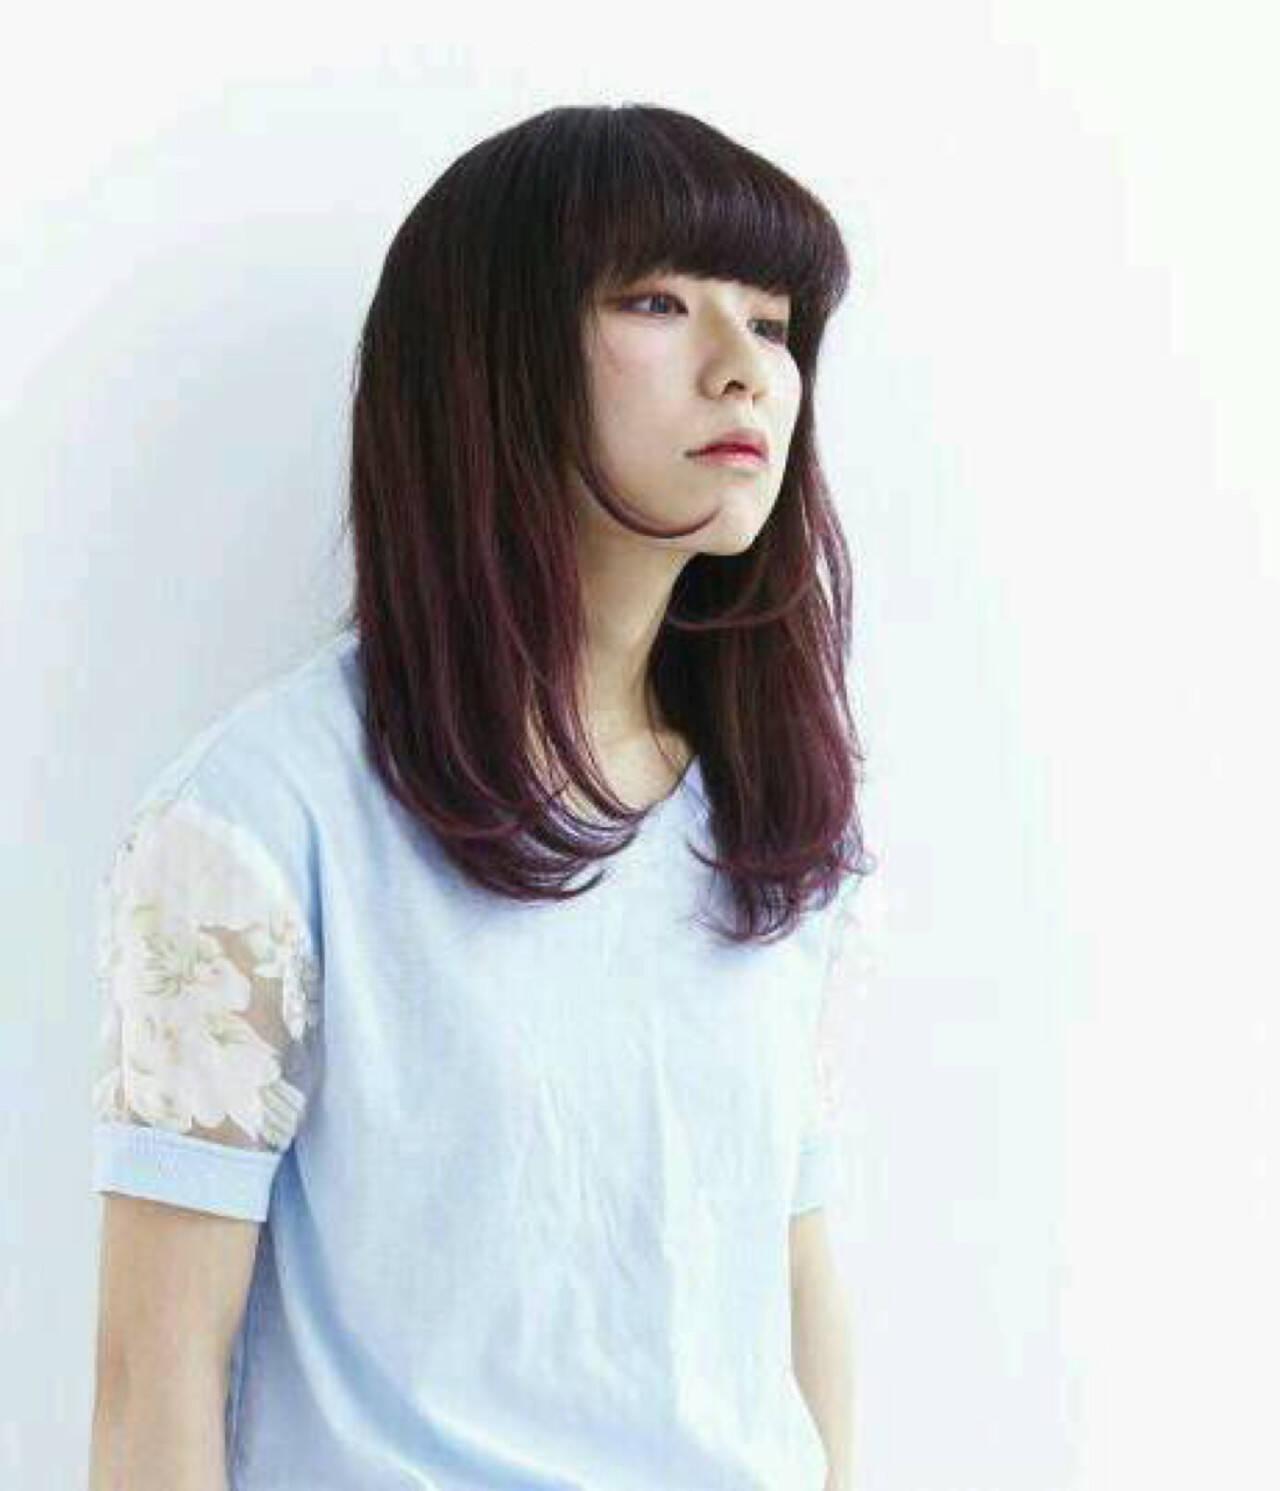 グラデーションカラー 前髪あり セミロング 黒髪ヘアスタイルや髪型の写真・画像